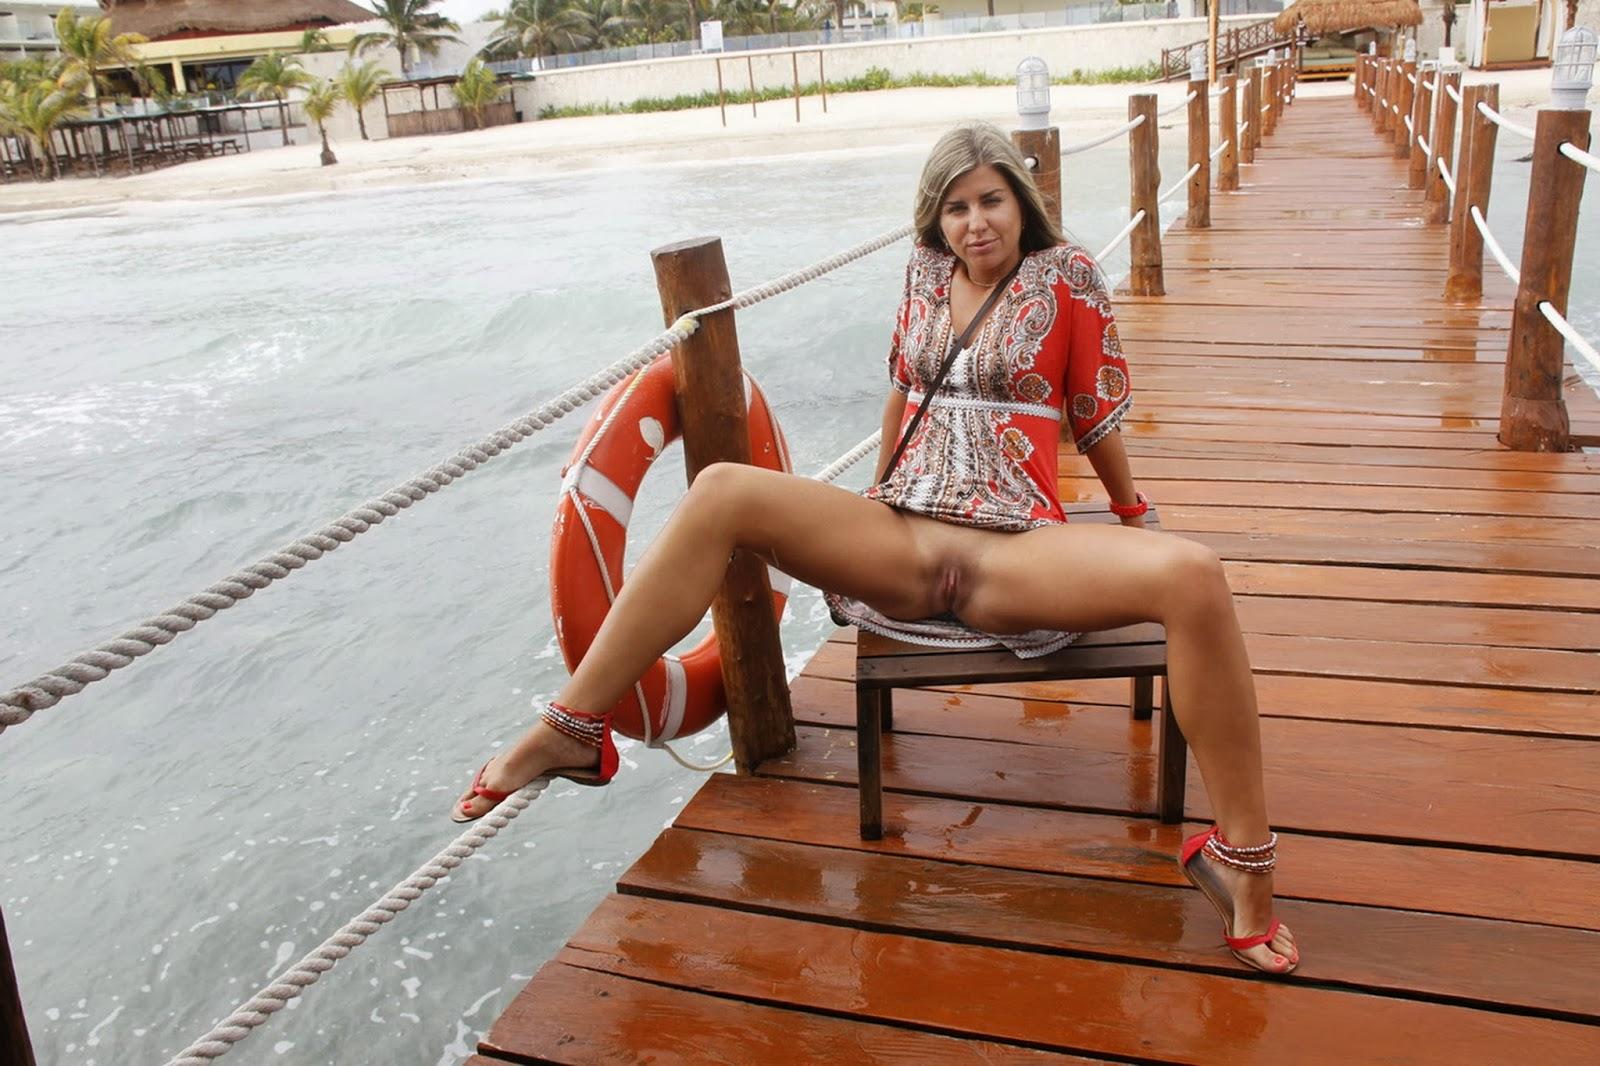 Фото с курортов секс 25 фотография